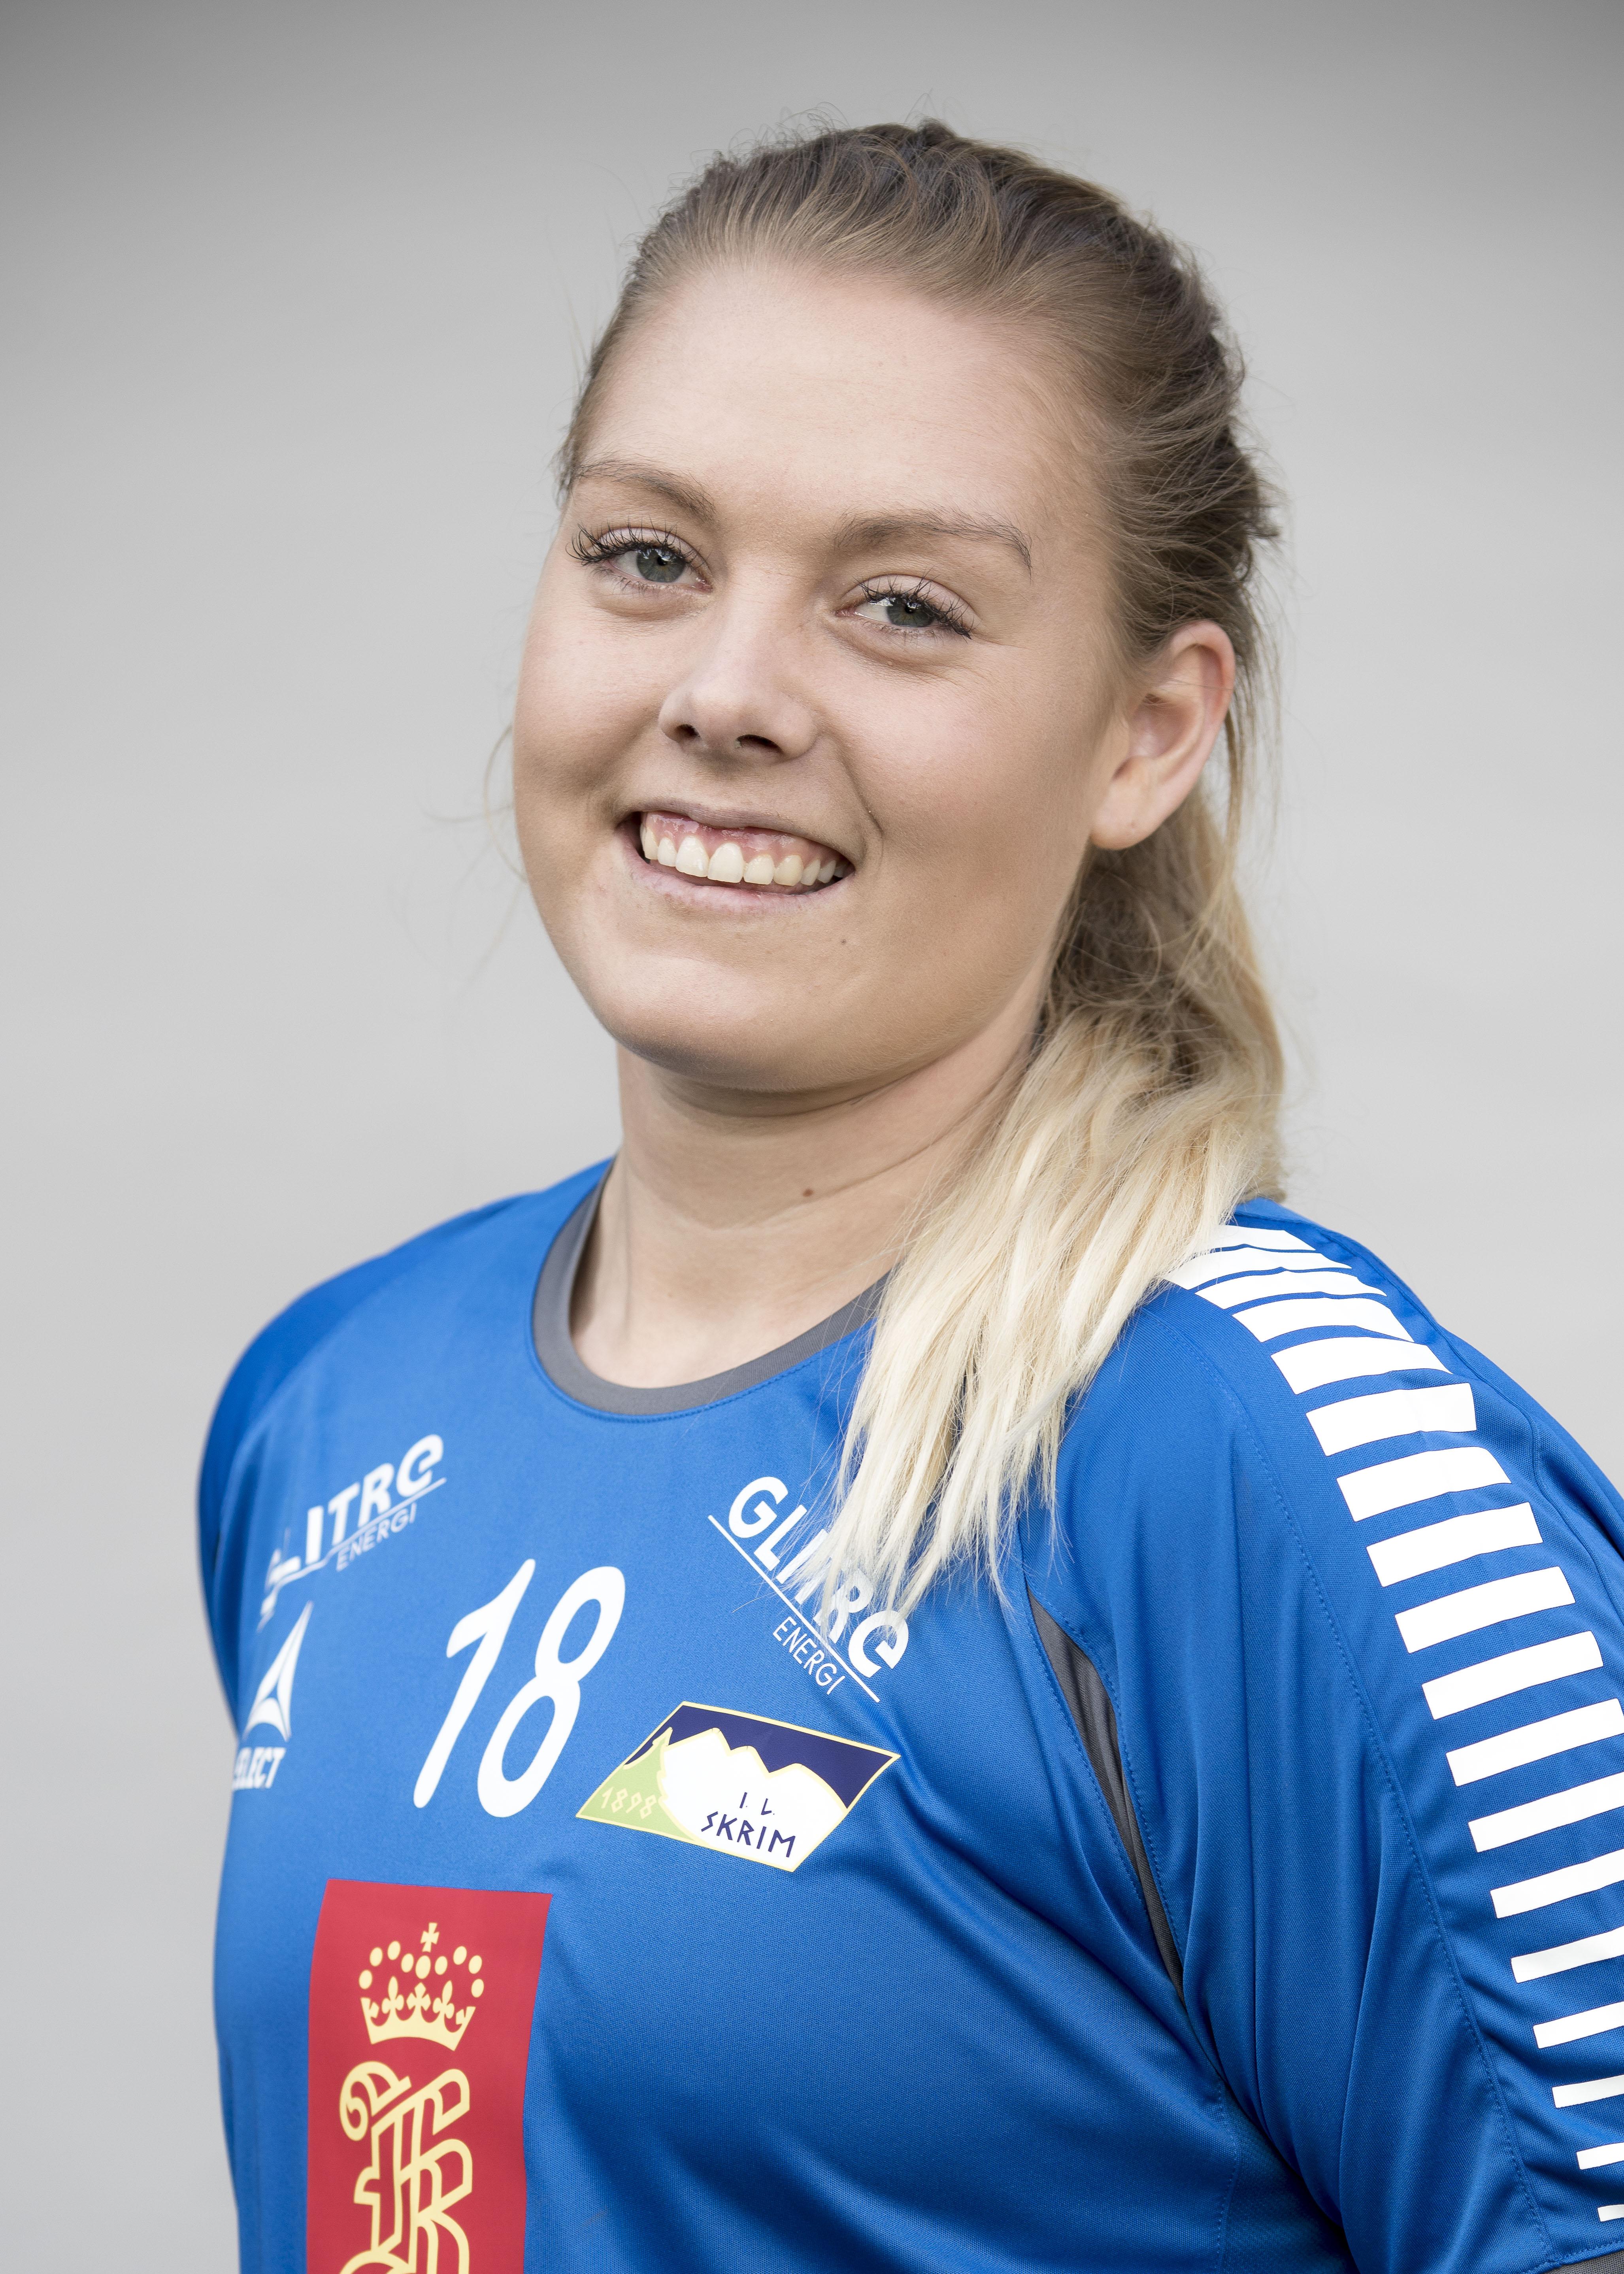 Emilie Sjøgren